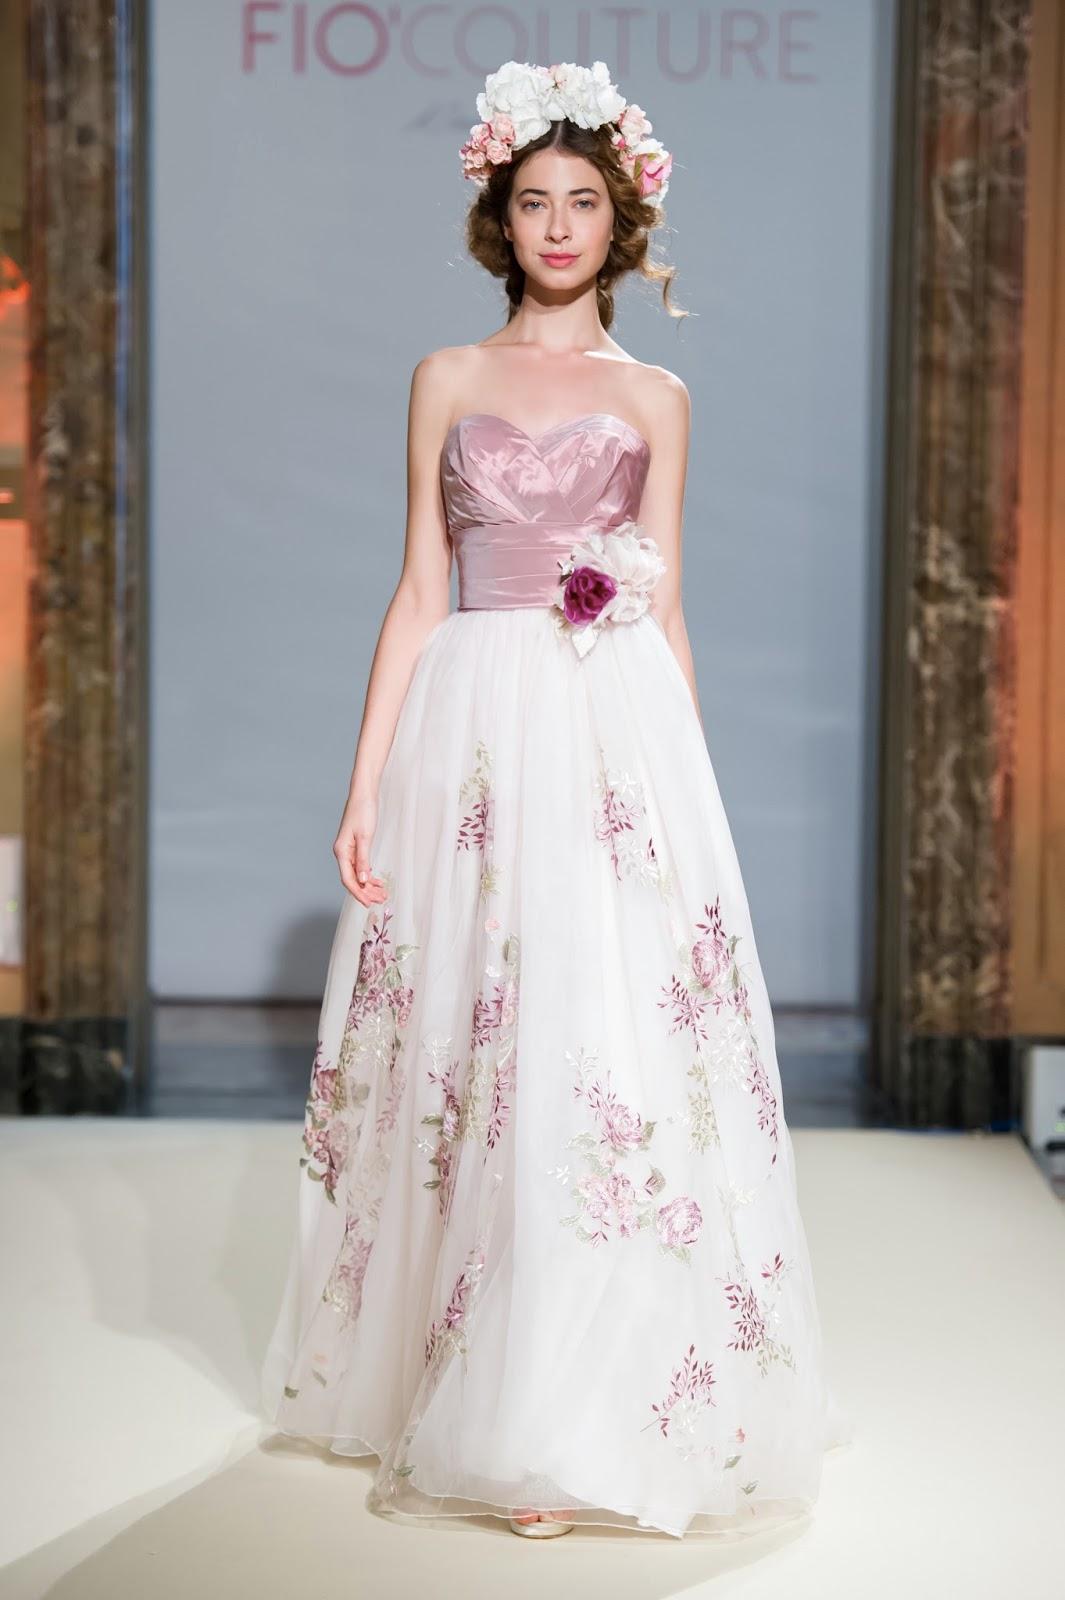 dfbcd238ba48 abito da sposa stampa fiori rosa di Fiò Couture.